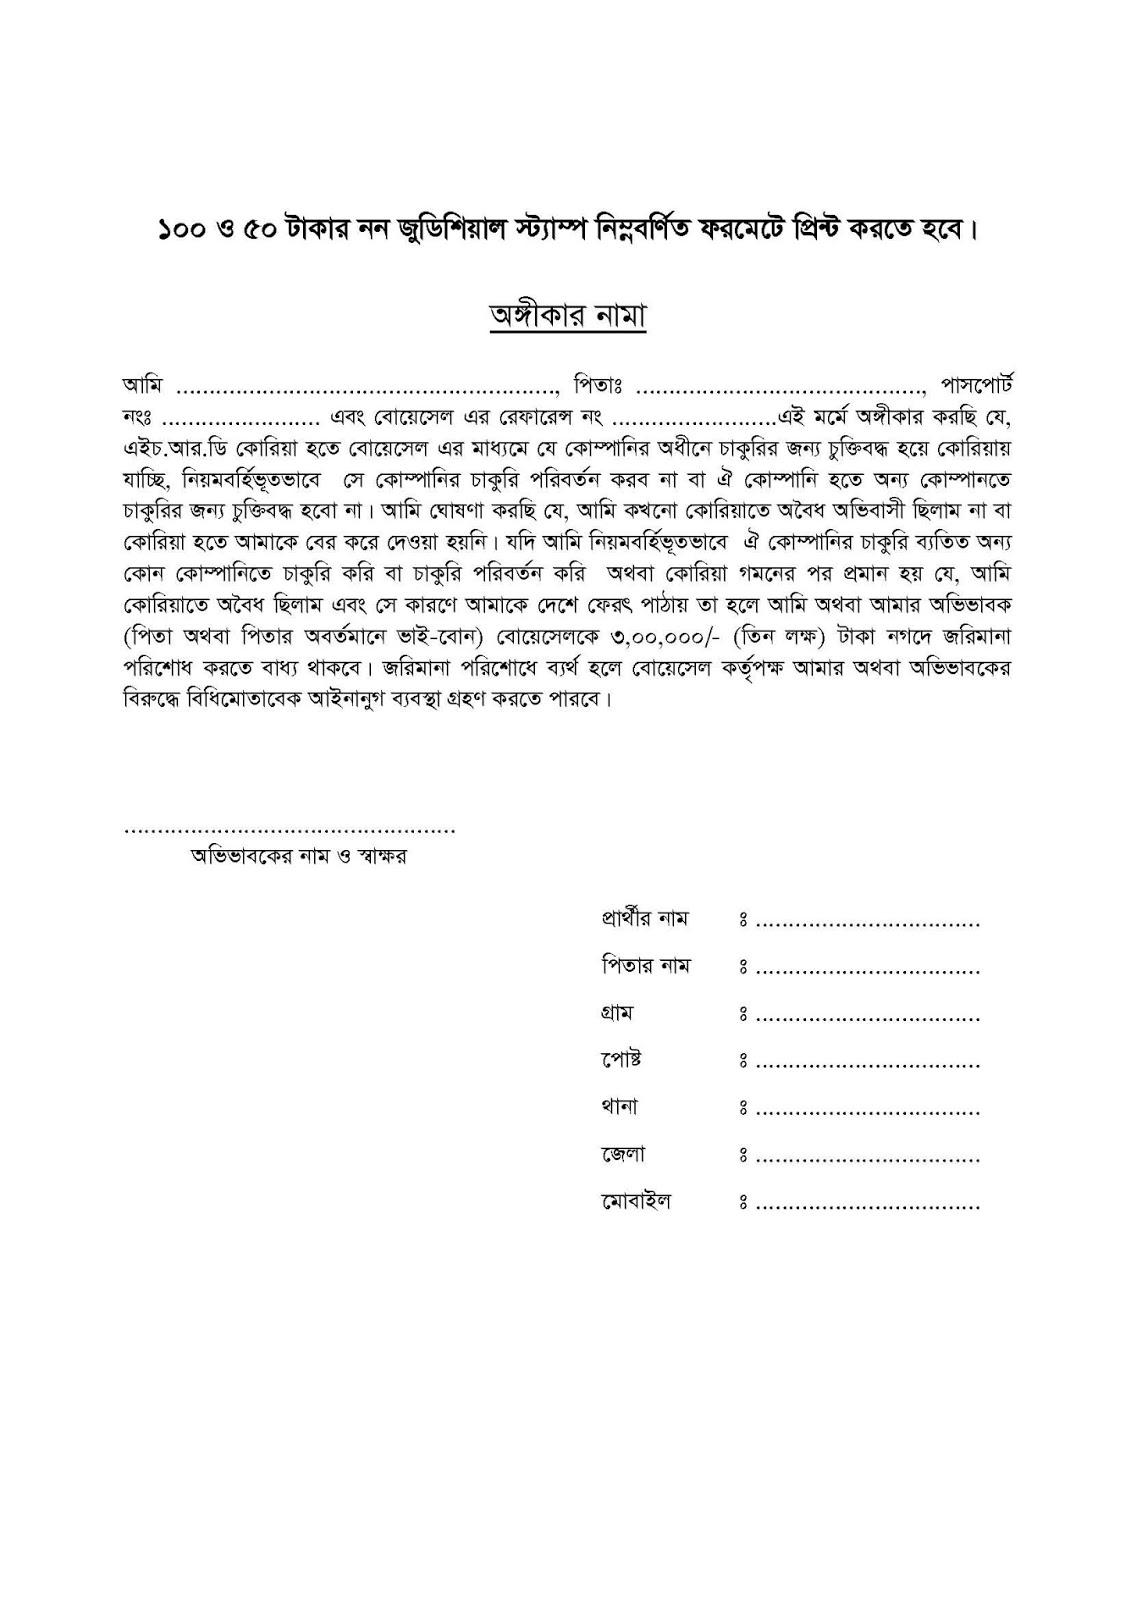 form visa application form e 9 e10 h 2 visa certificate e 9 e10 h 2 ...